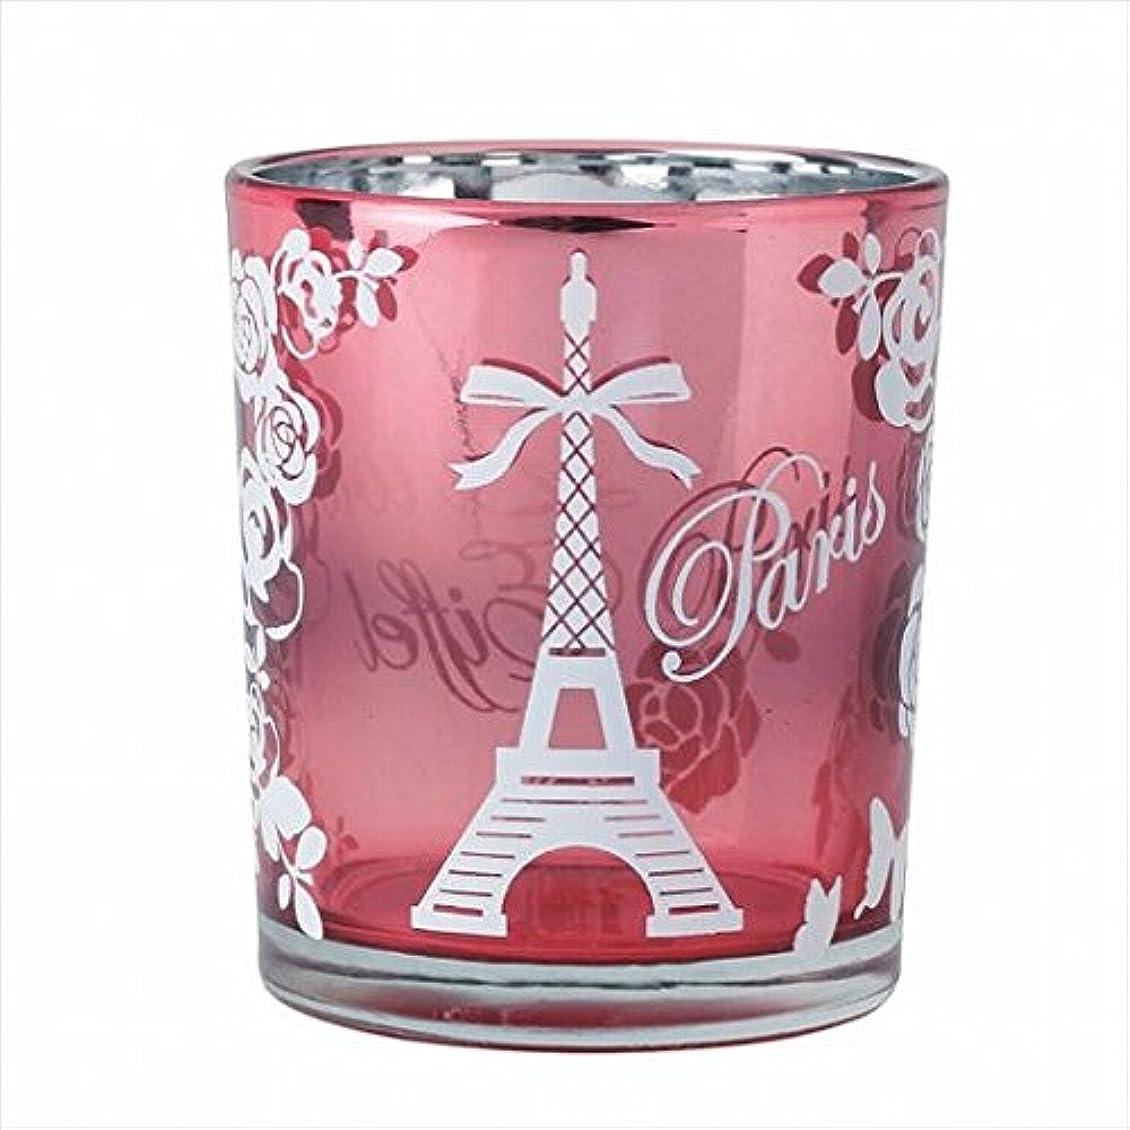 グラフ漁師パンサーカメヤマキャンドル(kameyama candle) エッフェル塔オーロラカップ 「 ピンク 」